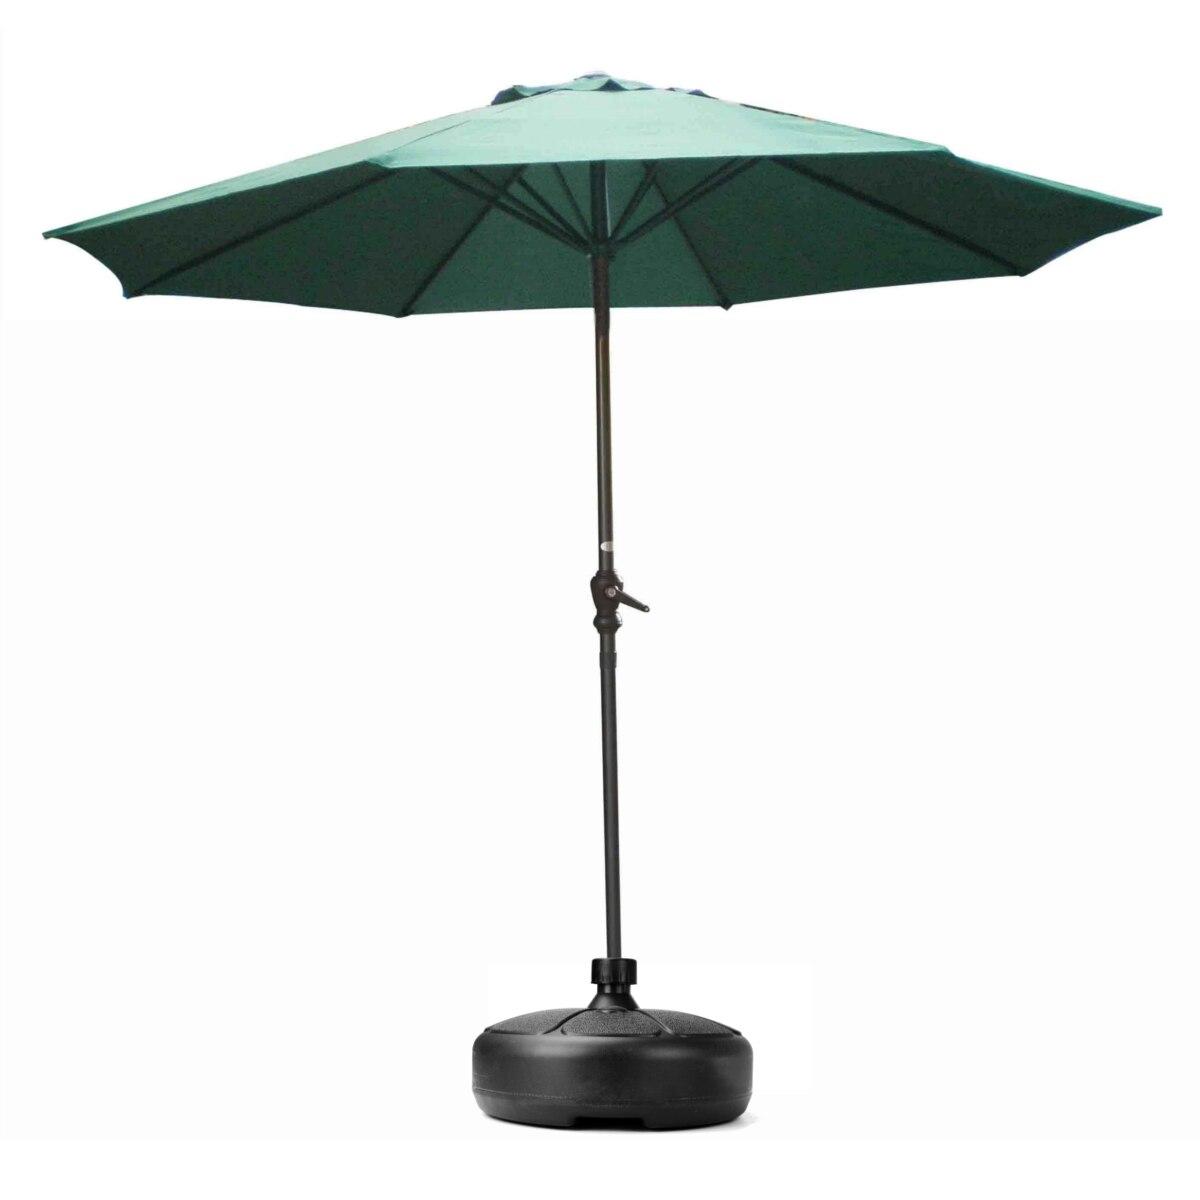 muebles de exterior patio paraguas sombrilla paraguas jardn de pie ronda bases fundacin cartelera titular accesorios